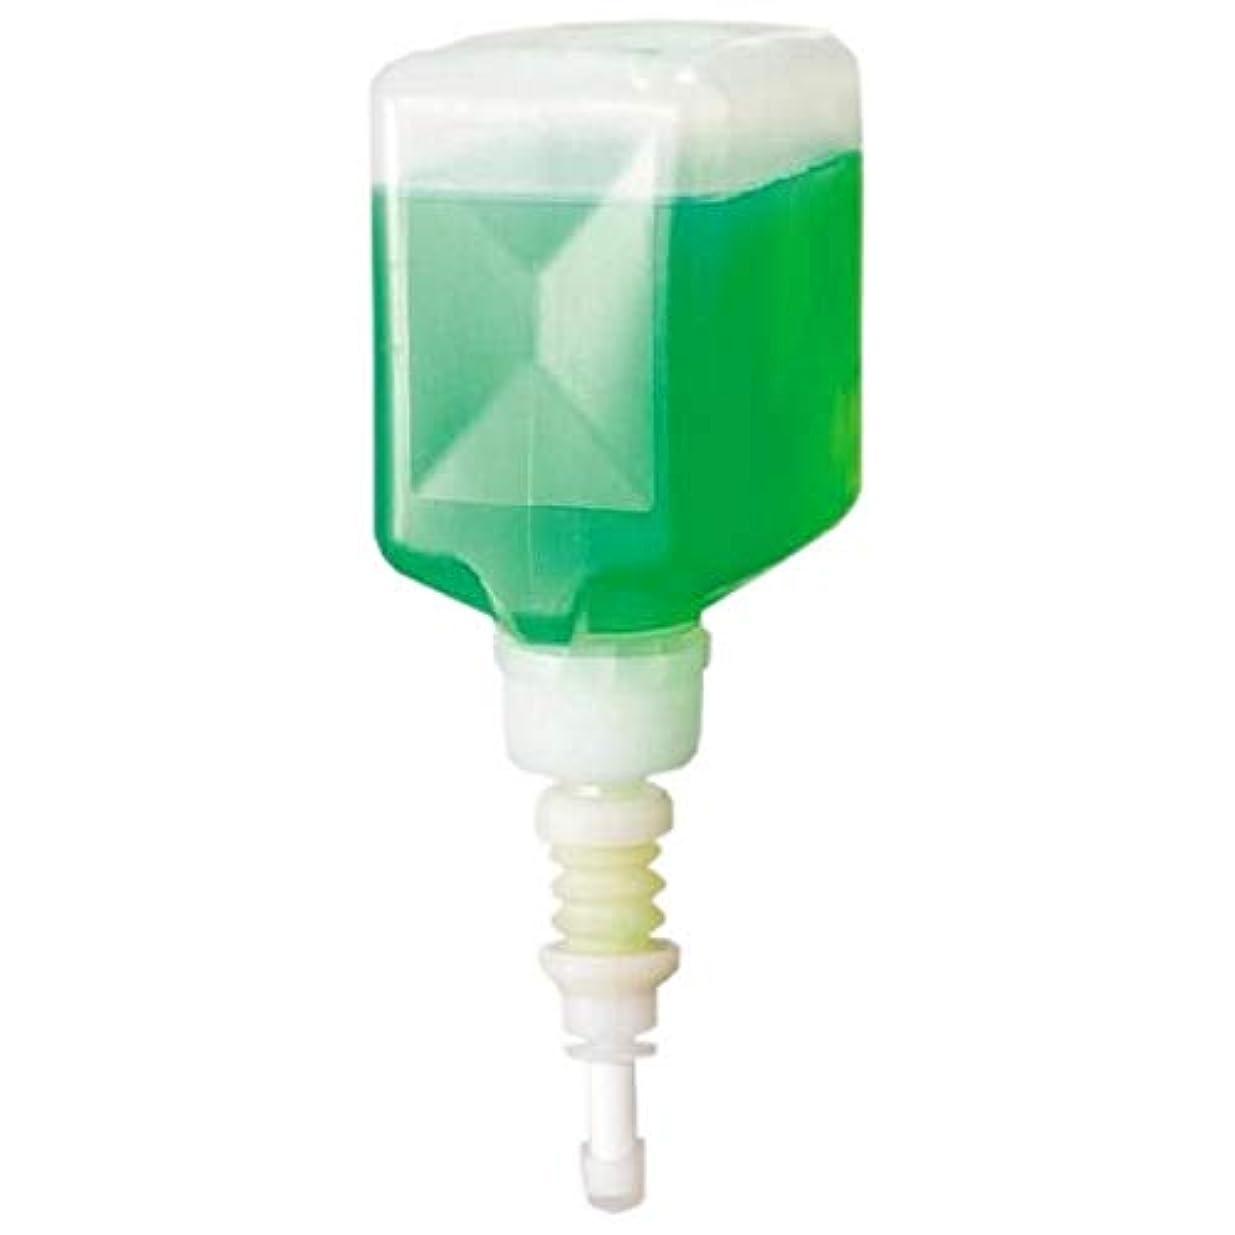 飢え流すコーヒースタイルデコ シャボネット石けん液Fデコ専用薬液 緑色